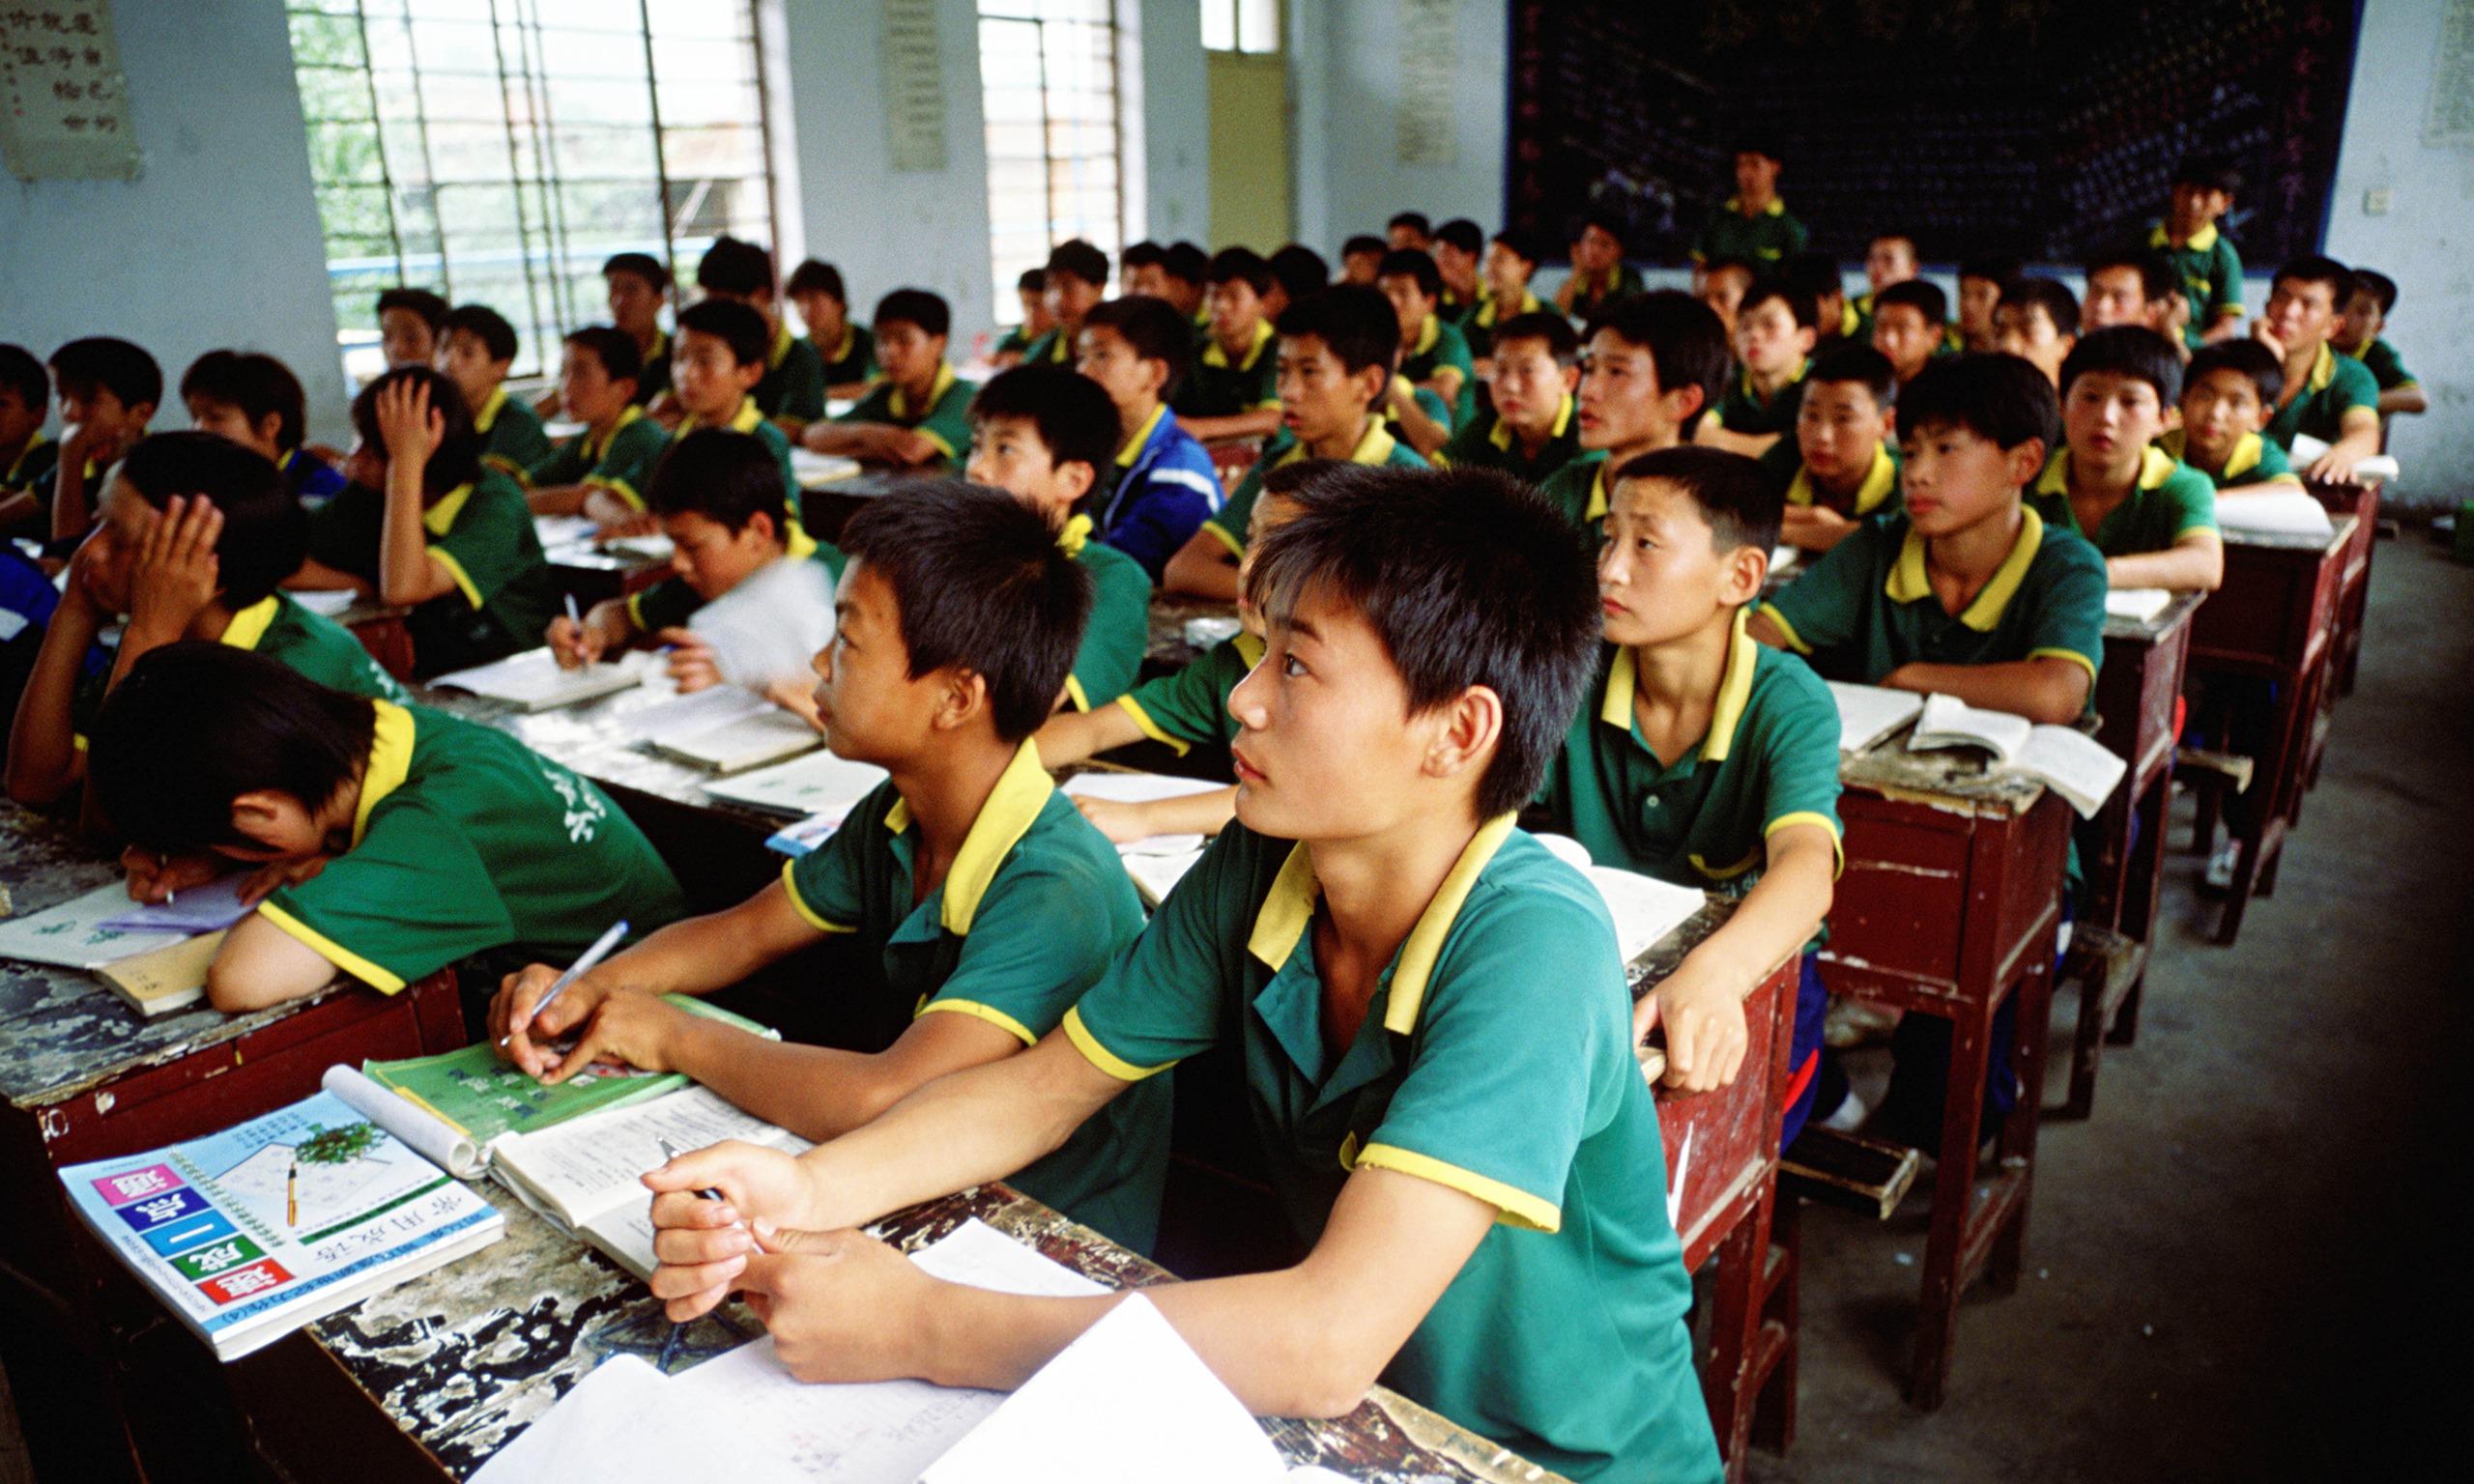 Chinese Studentjjmp4